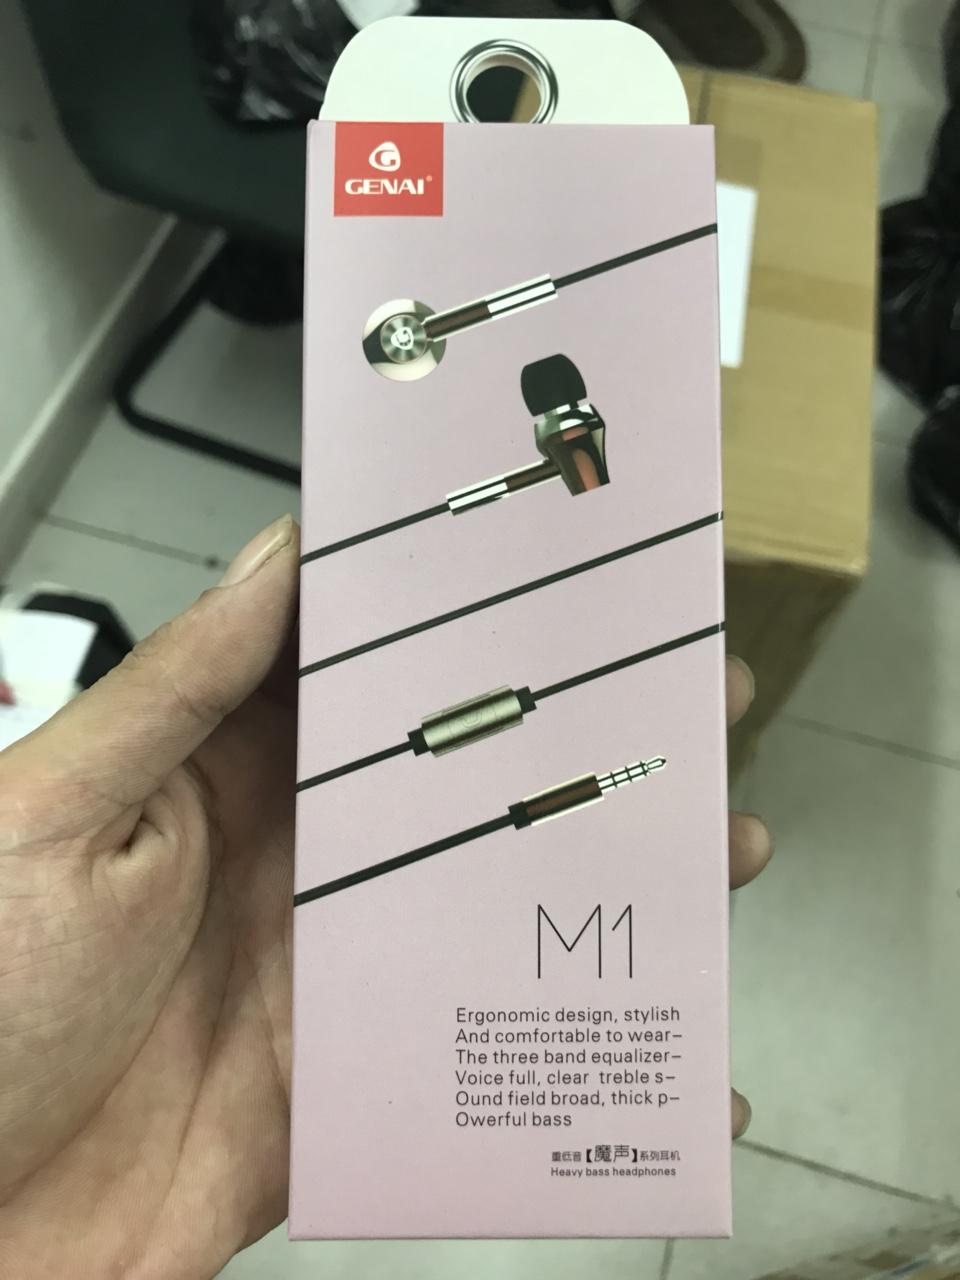 44k - Tai nghe GENAI M1 chính hãng giá sỉ và lẻ rẻ nhất